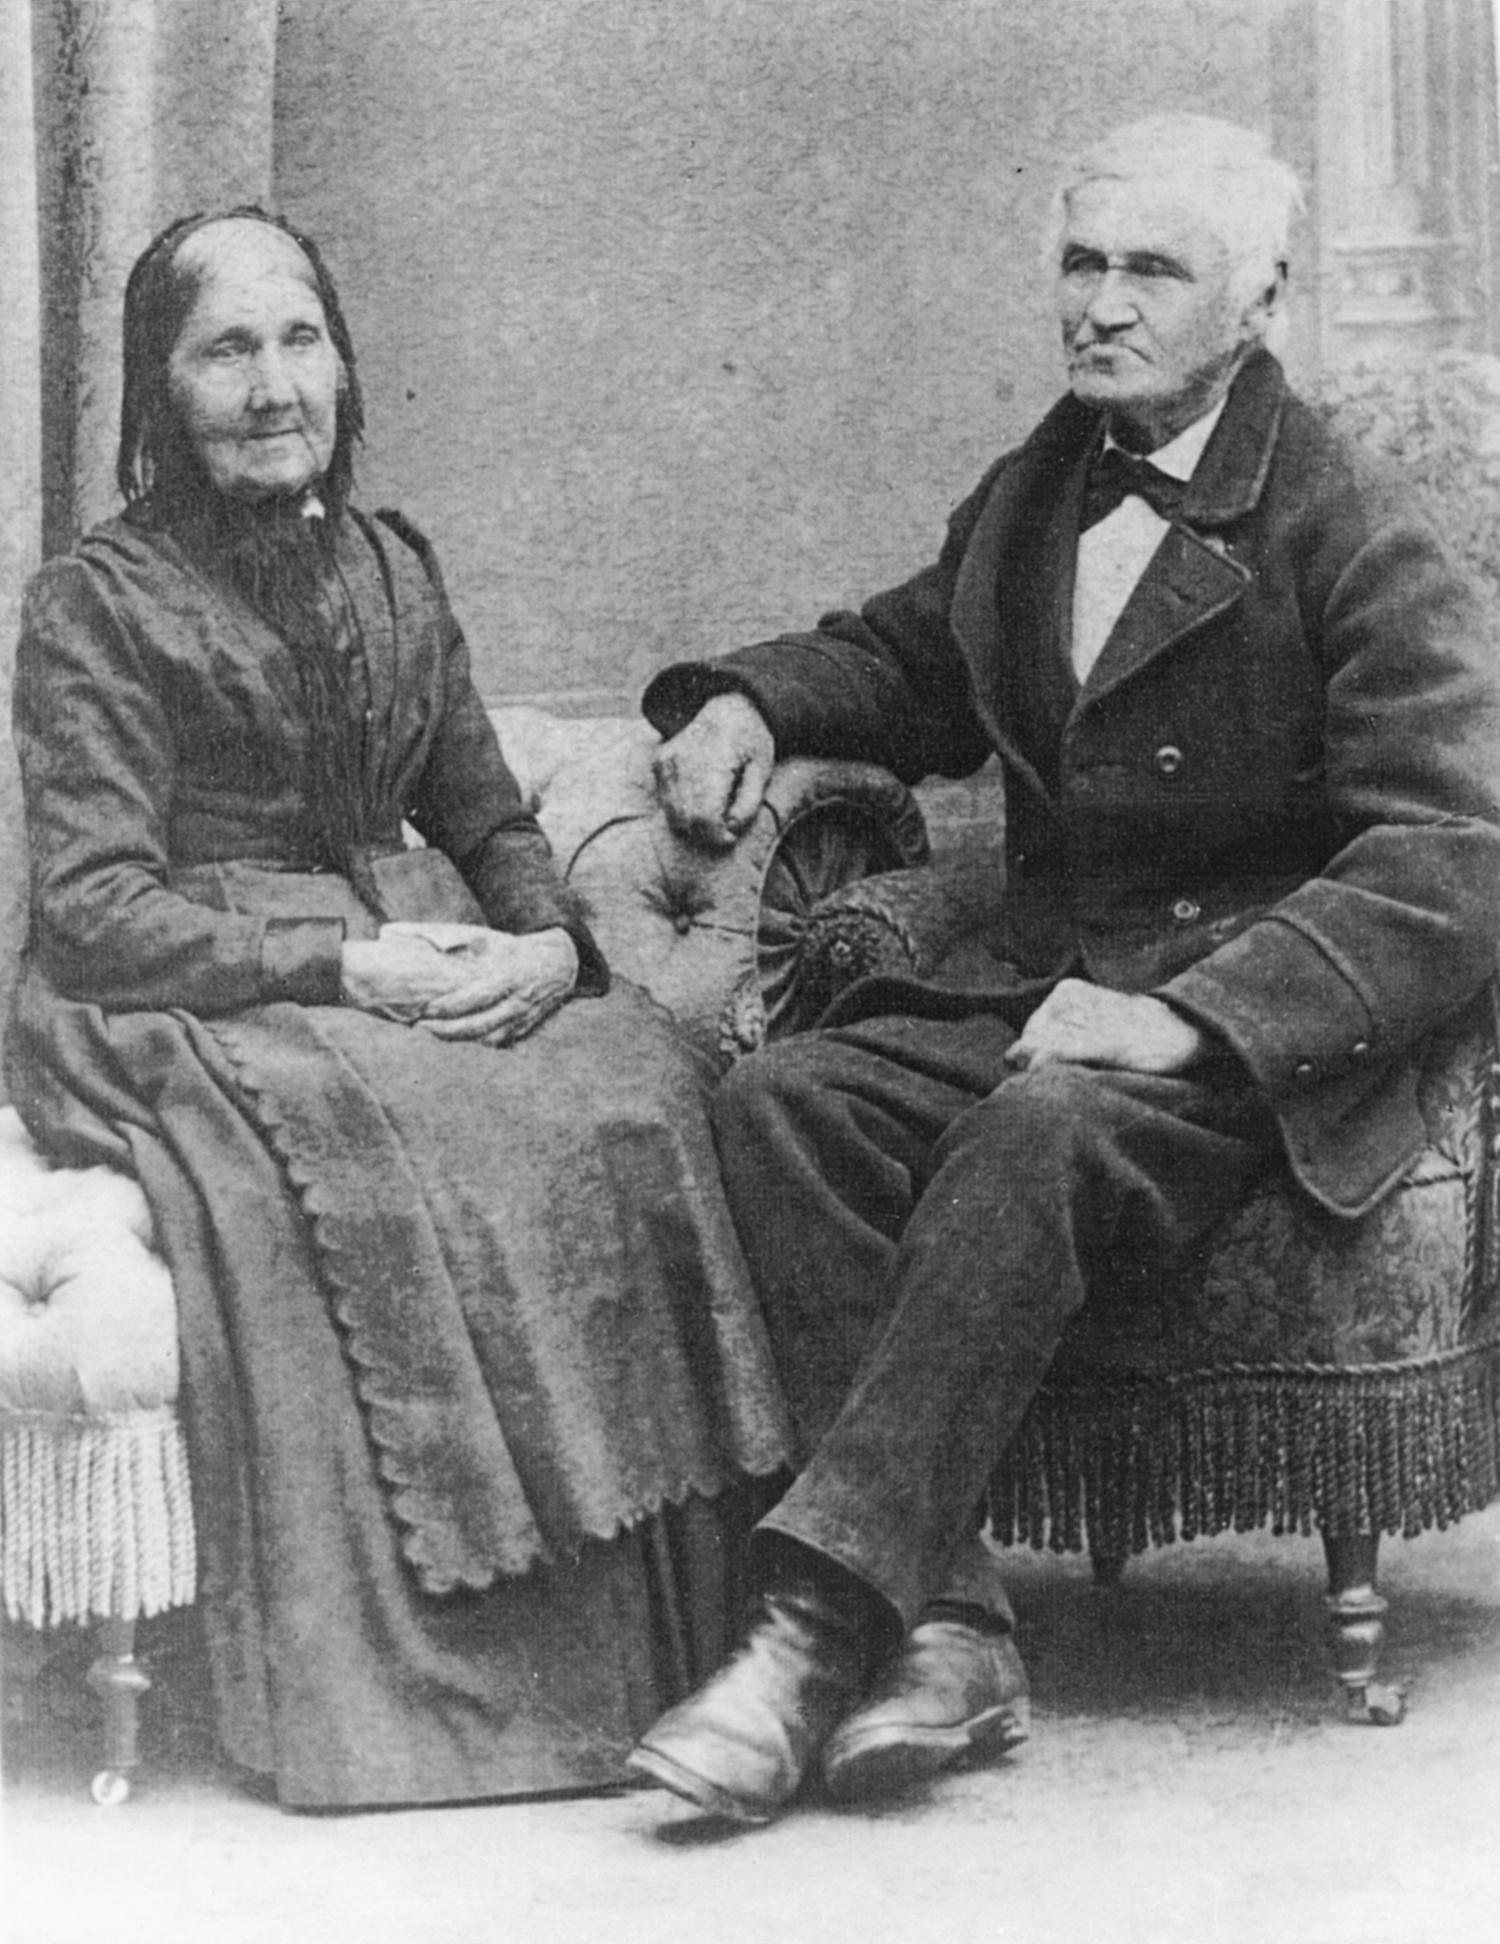 anne-og-hans-jensen-lurka_1891.jpg